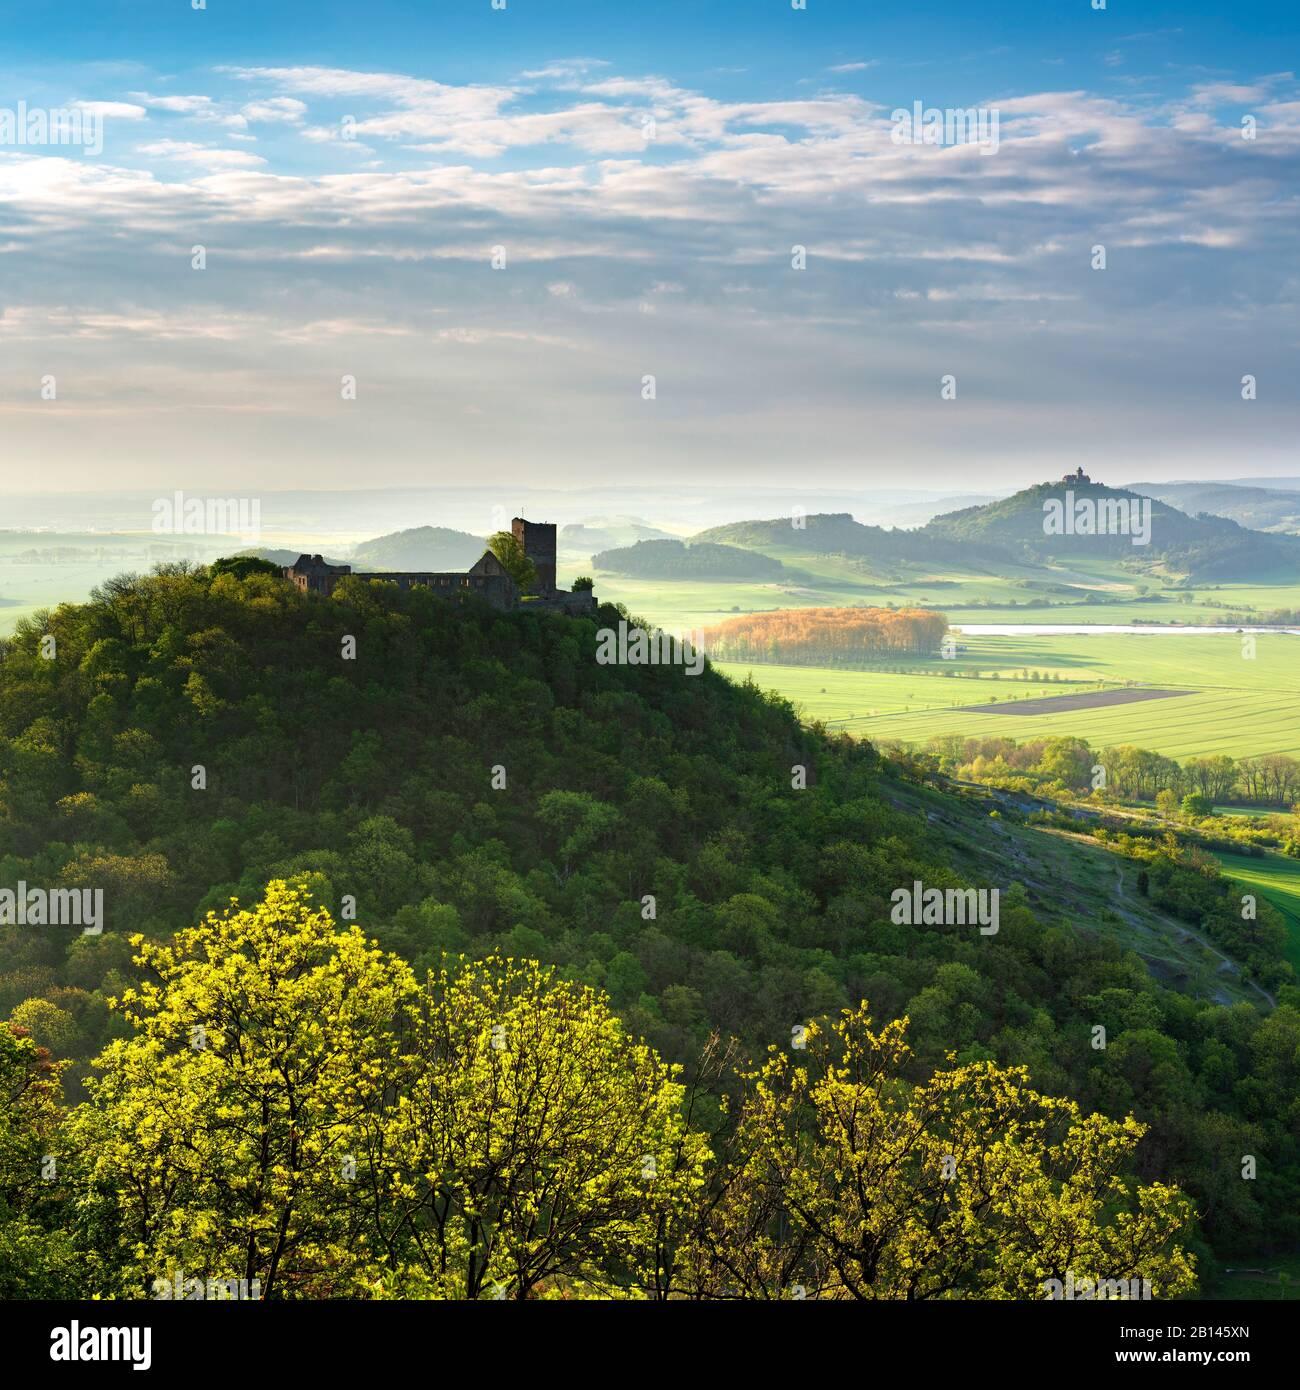 Vista de las ruinas del castillo de Gleichen y de la fortaleza de Wachsenburg, luz de la mañana, Drei Gleichen, Wandersleben, Turingia, Alemania Foto de stock